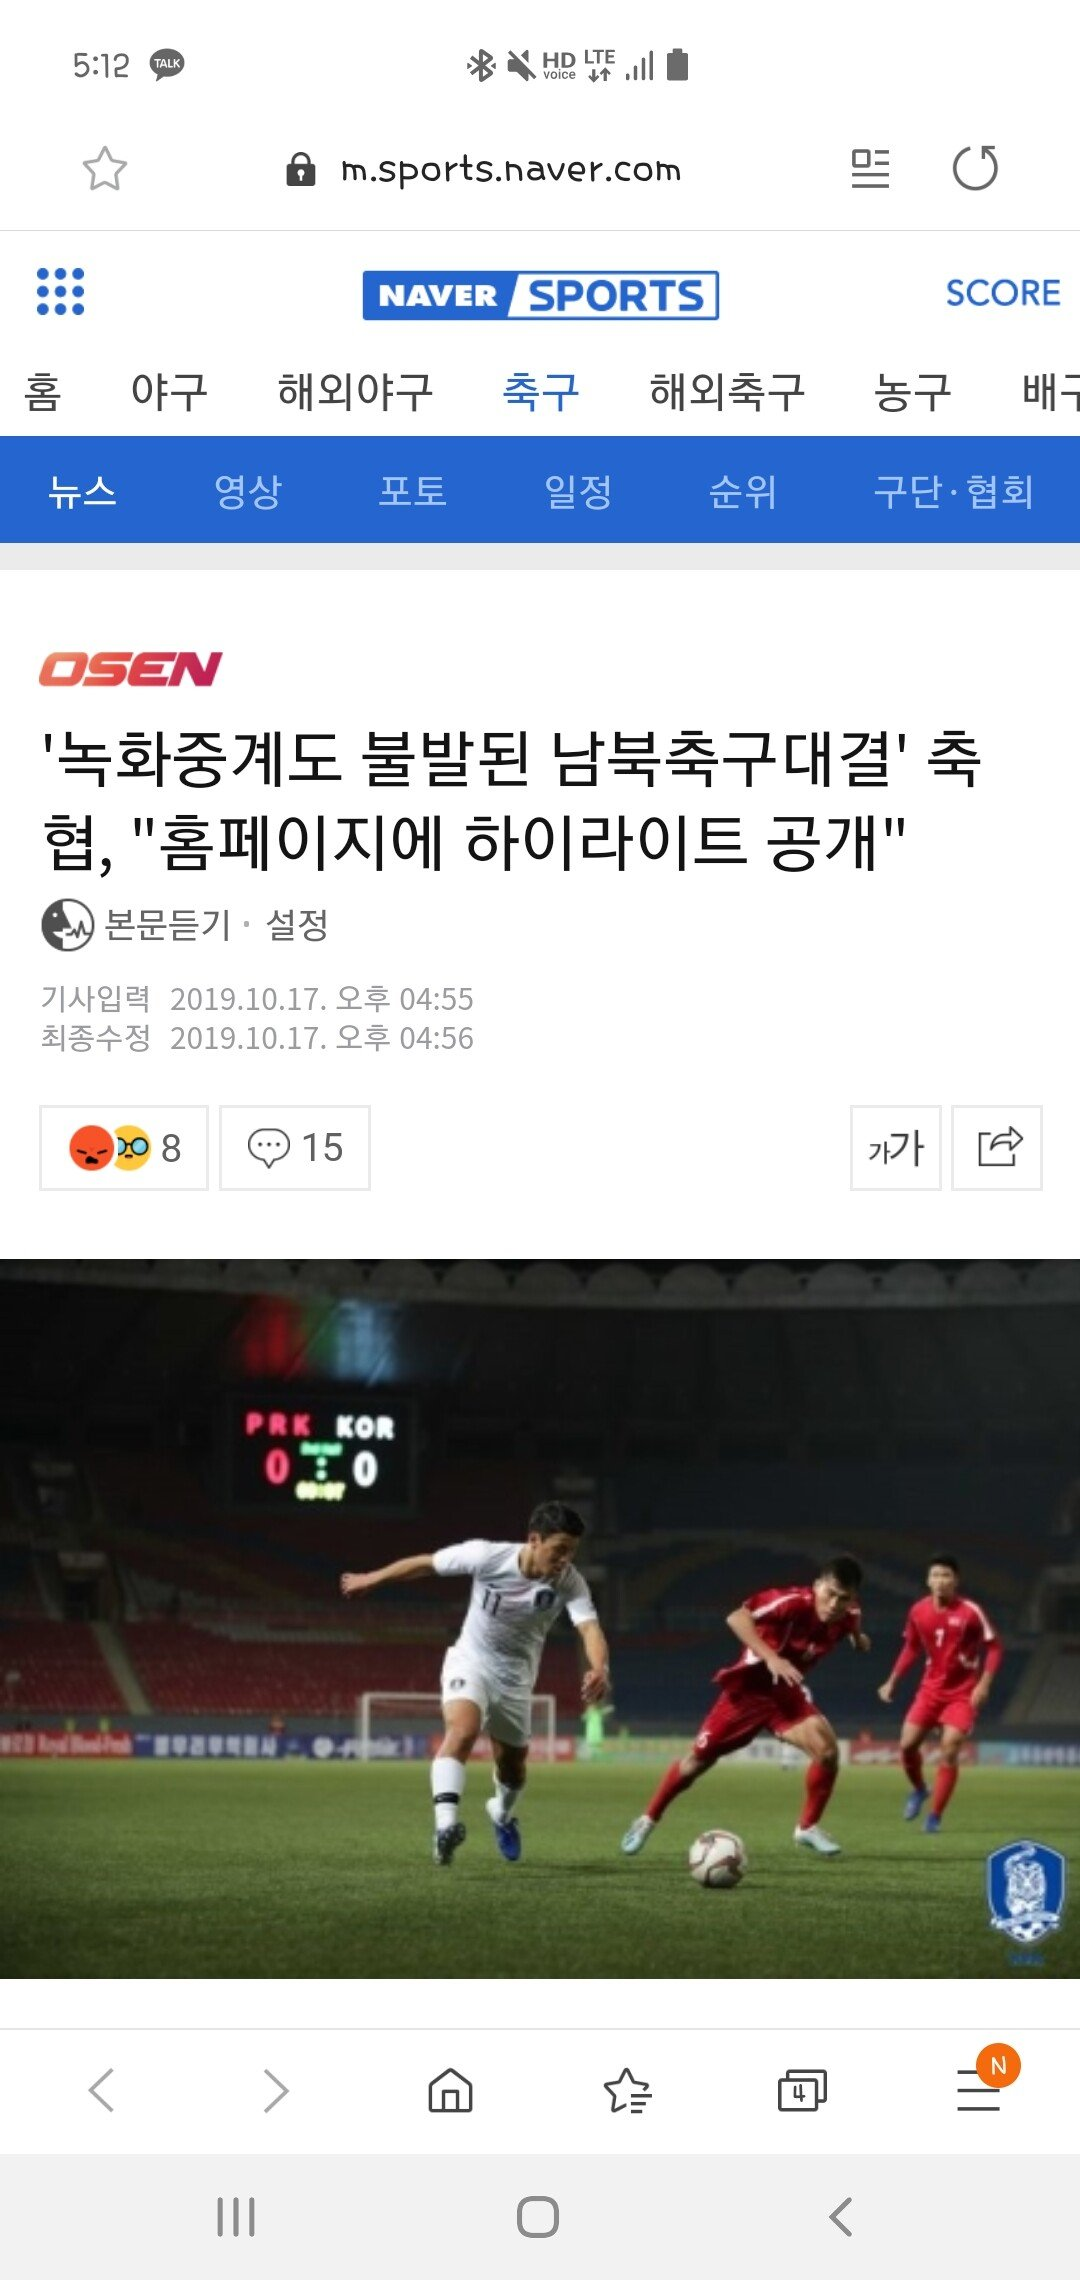 [오피셜] 오늘 6시 이후 축구협회 홈페이지에 북한전 하이라이트 공개